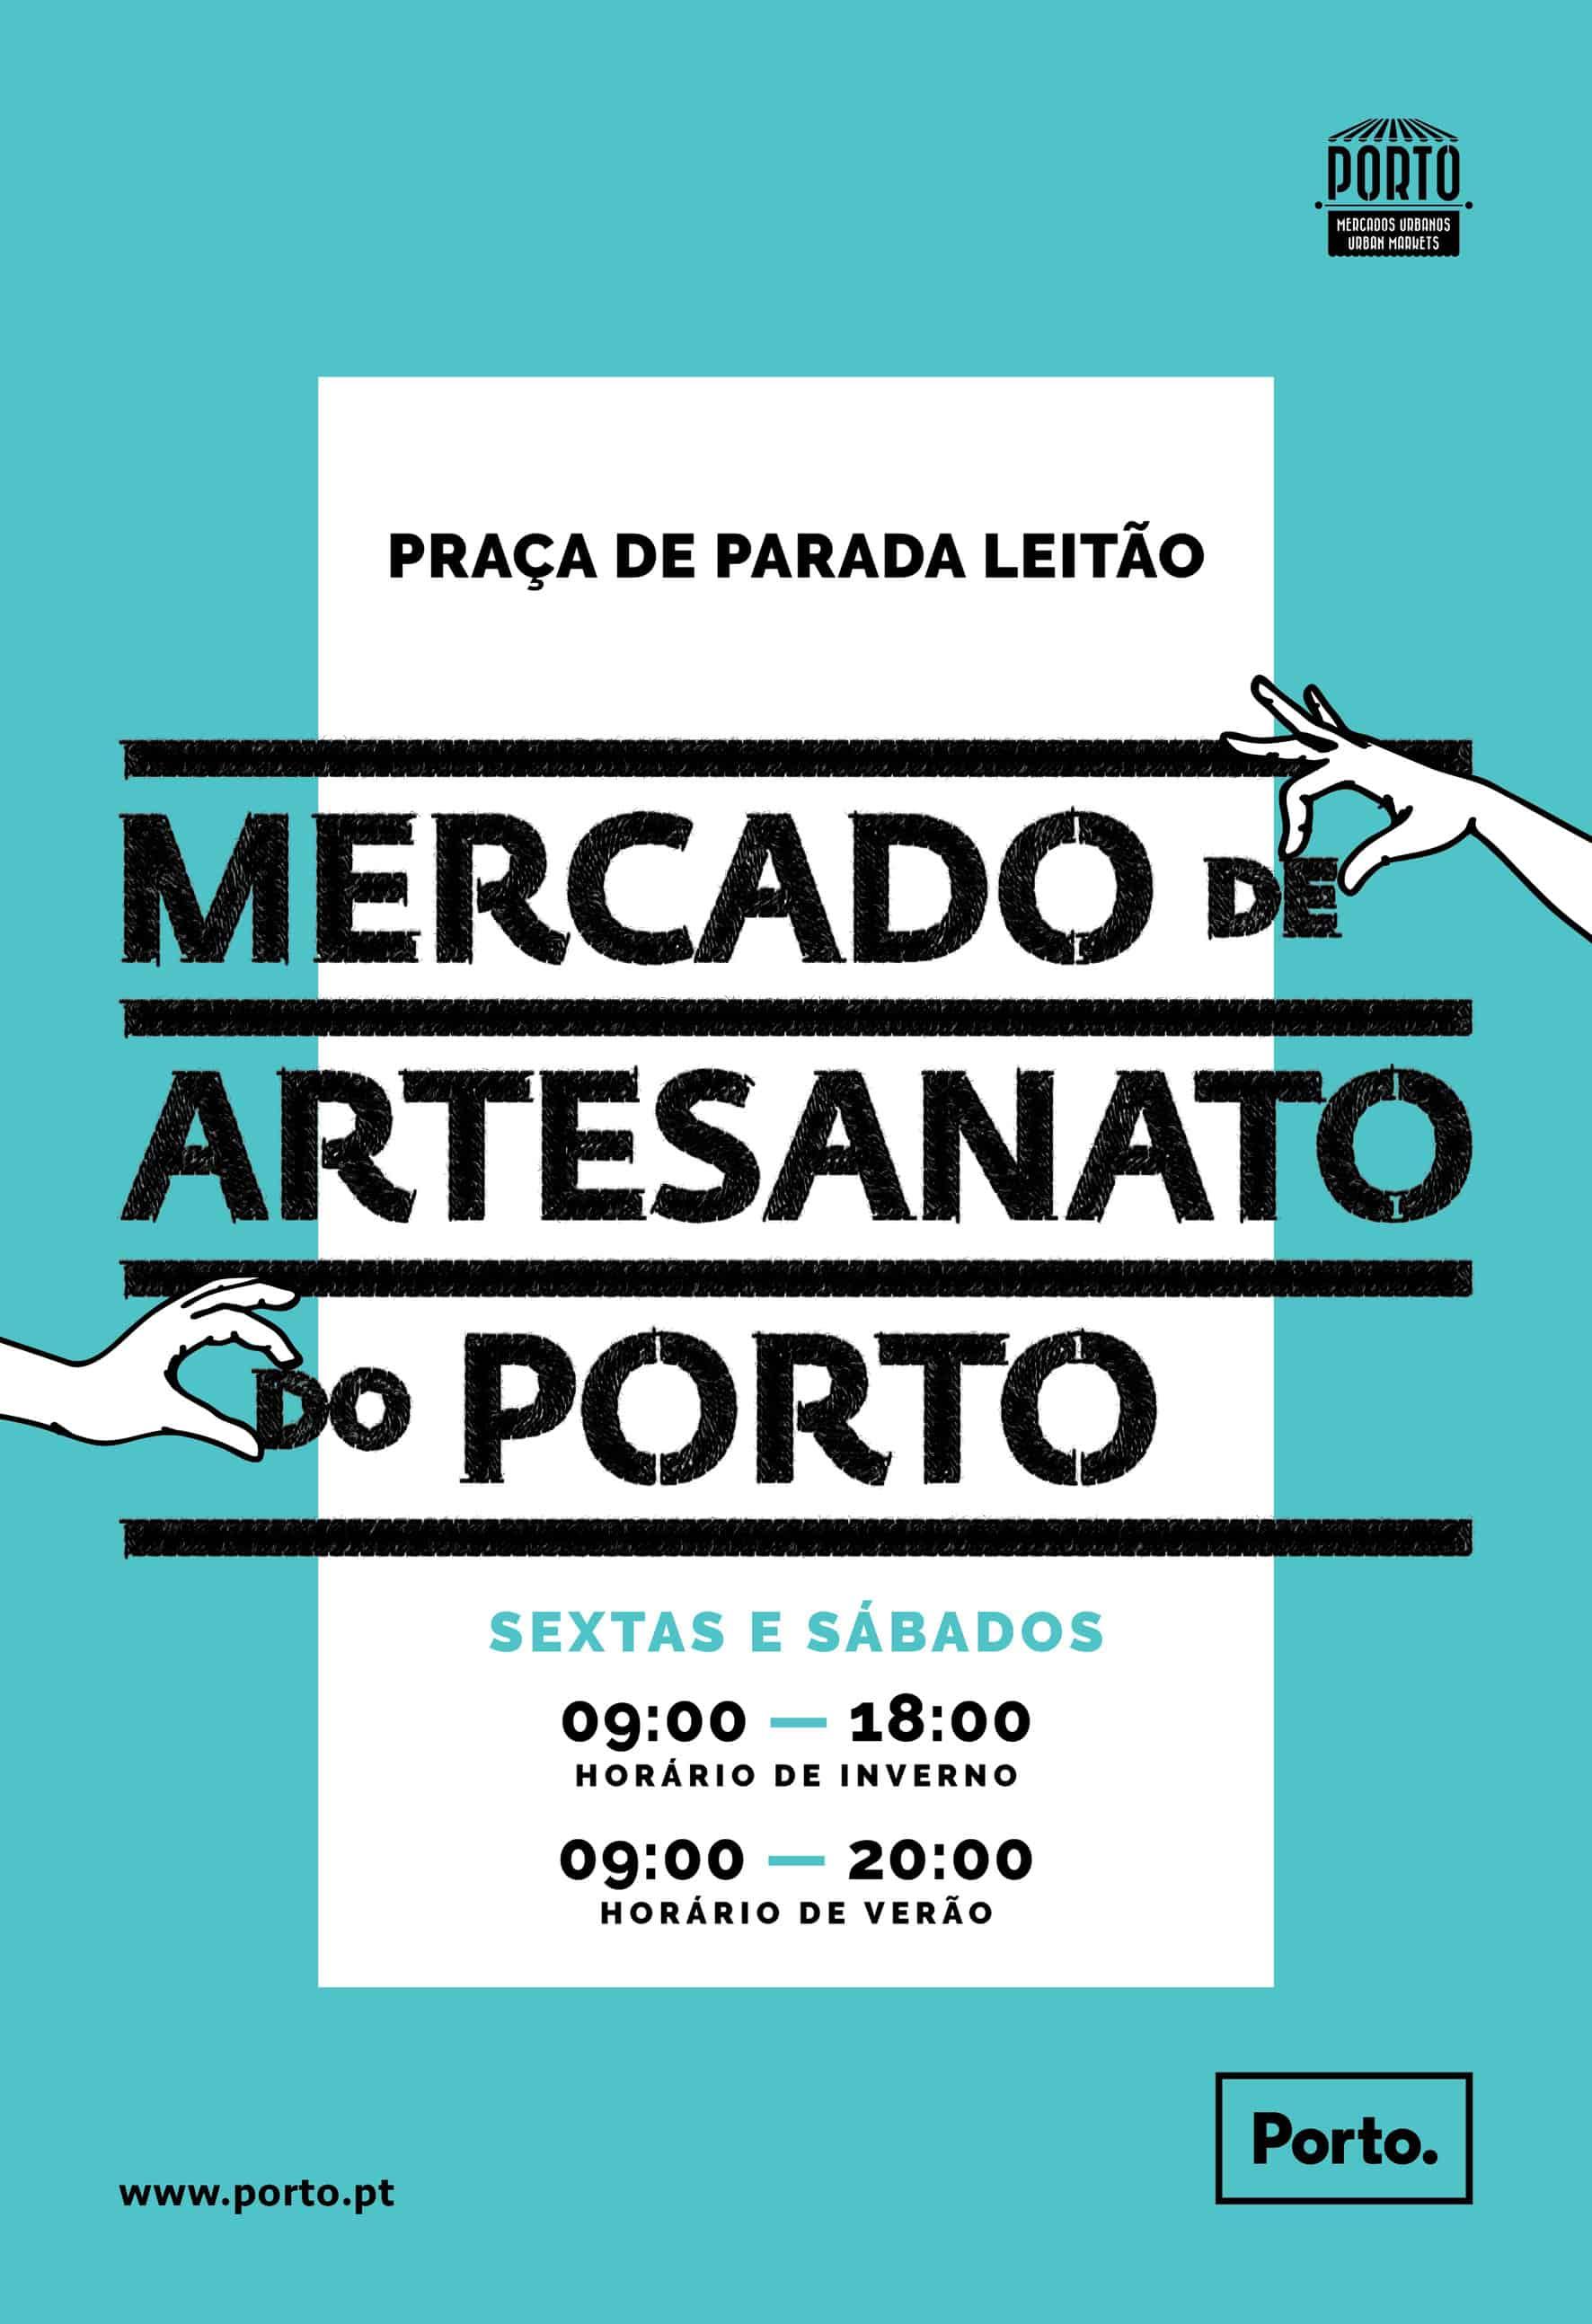 Realiza-se mais uma edição doMercado de Artesanato do Porto